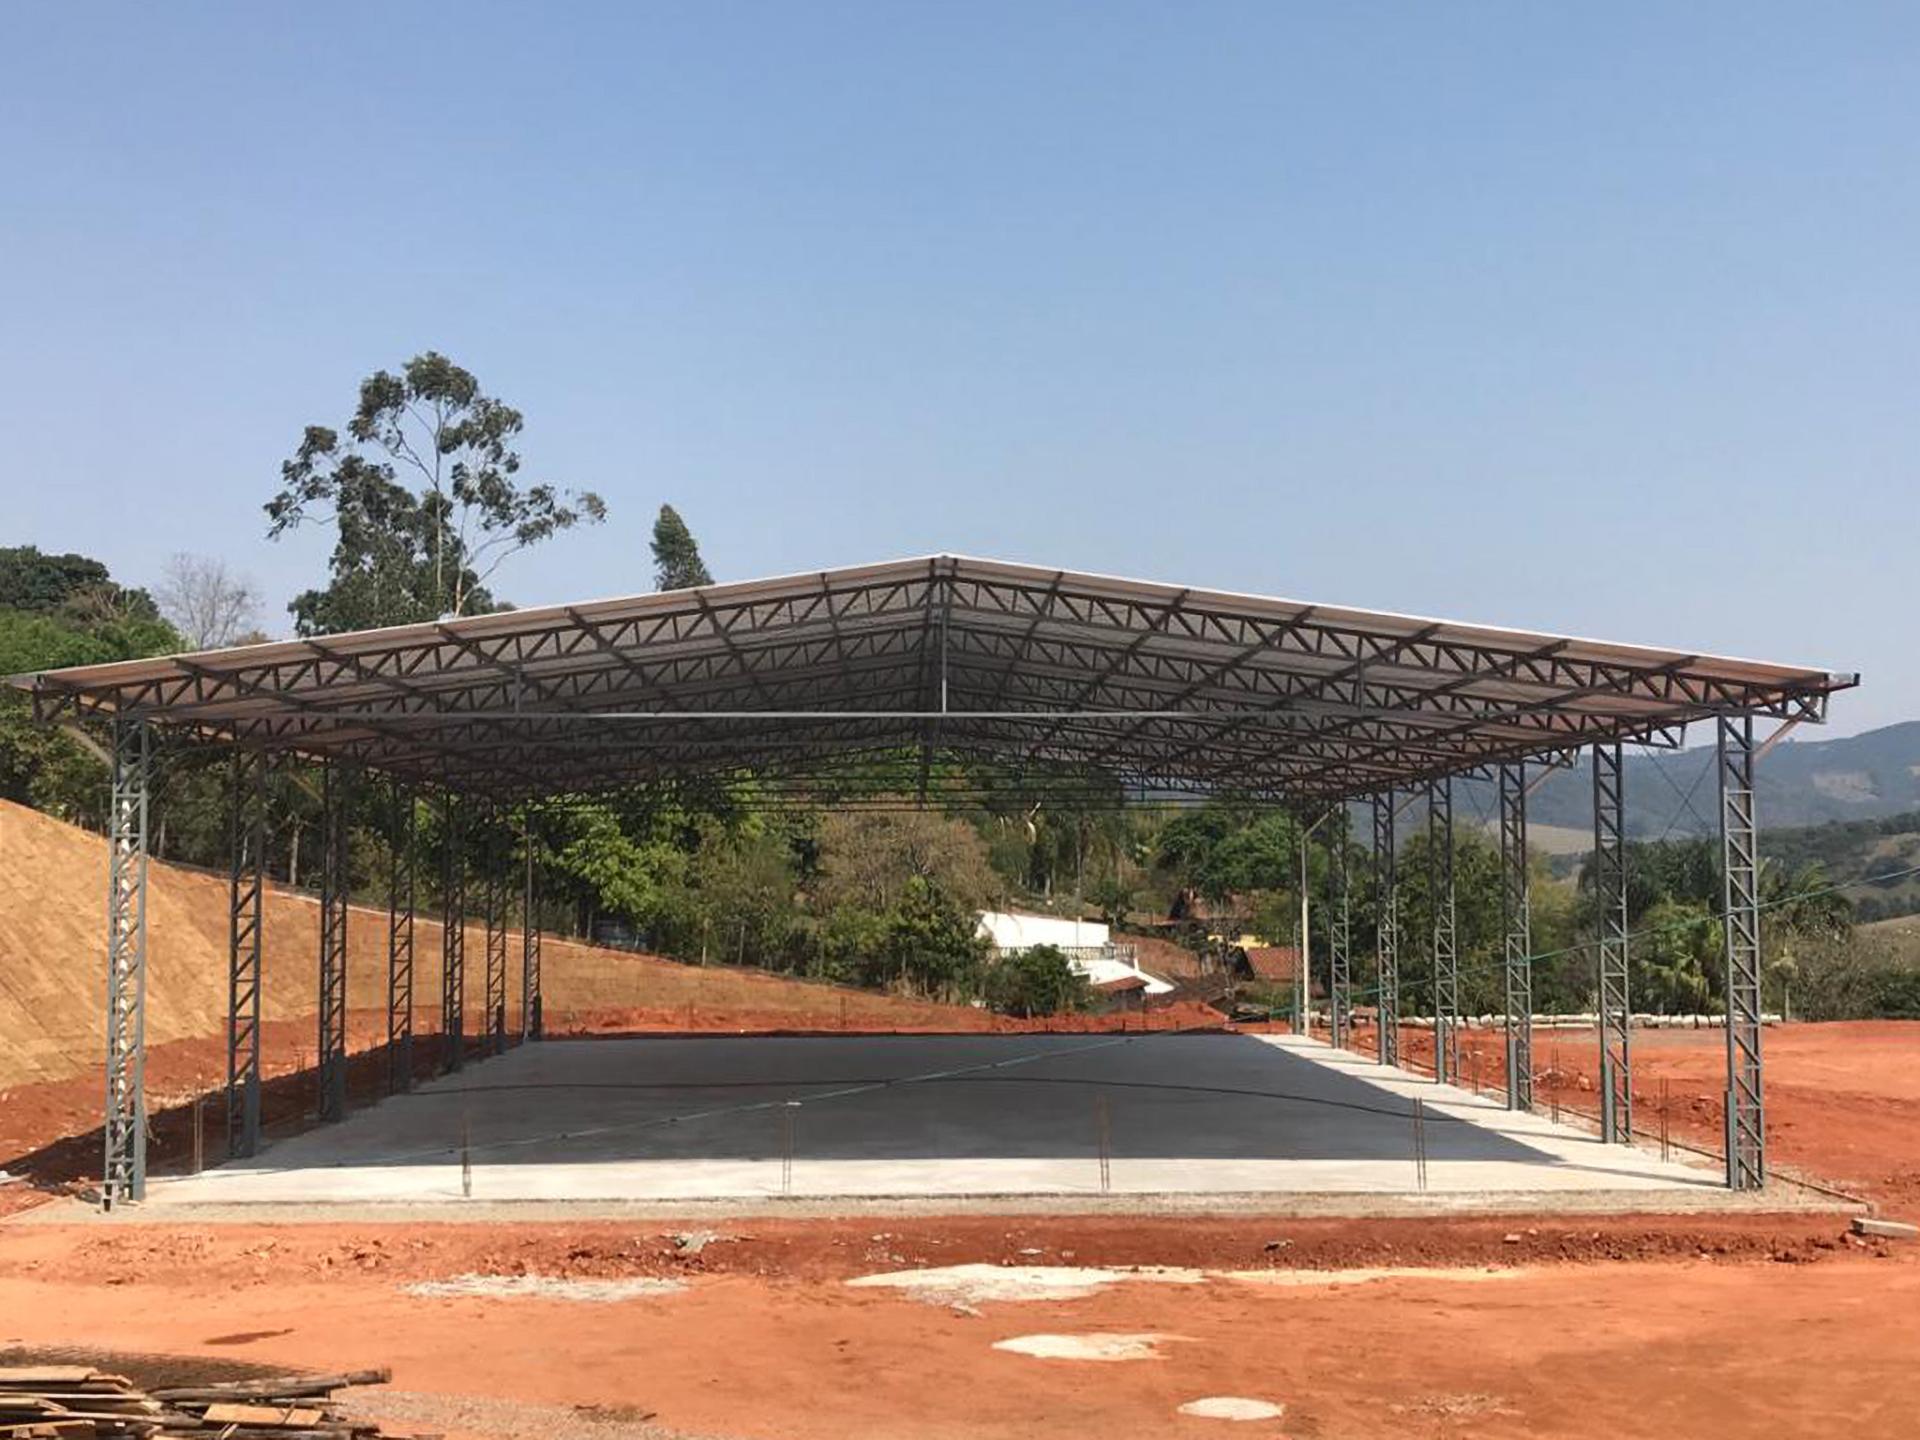 Quadra - Bairro do Rodeio (01-10-2020) (2)